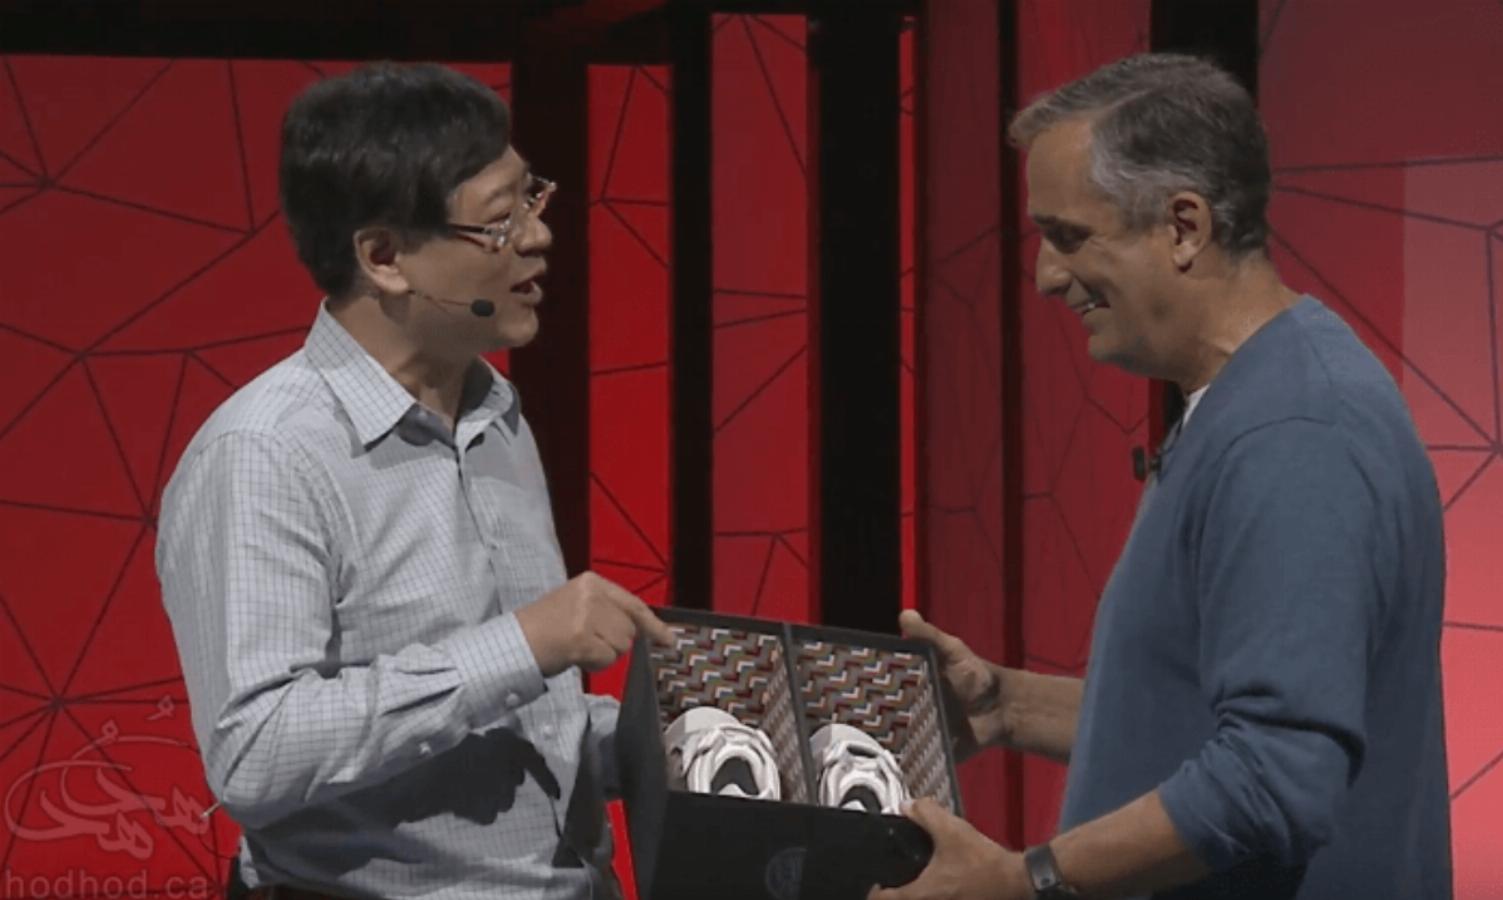 لنووو از جدیدترین محصول خود، کفش های هوشمند رونمایی کرد